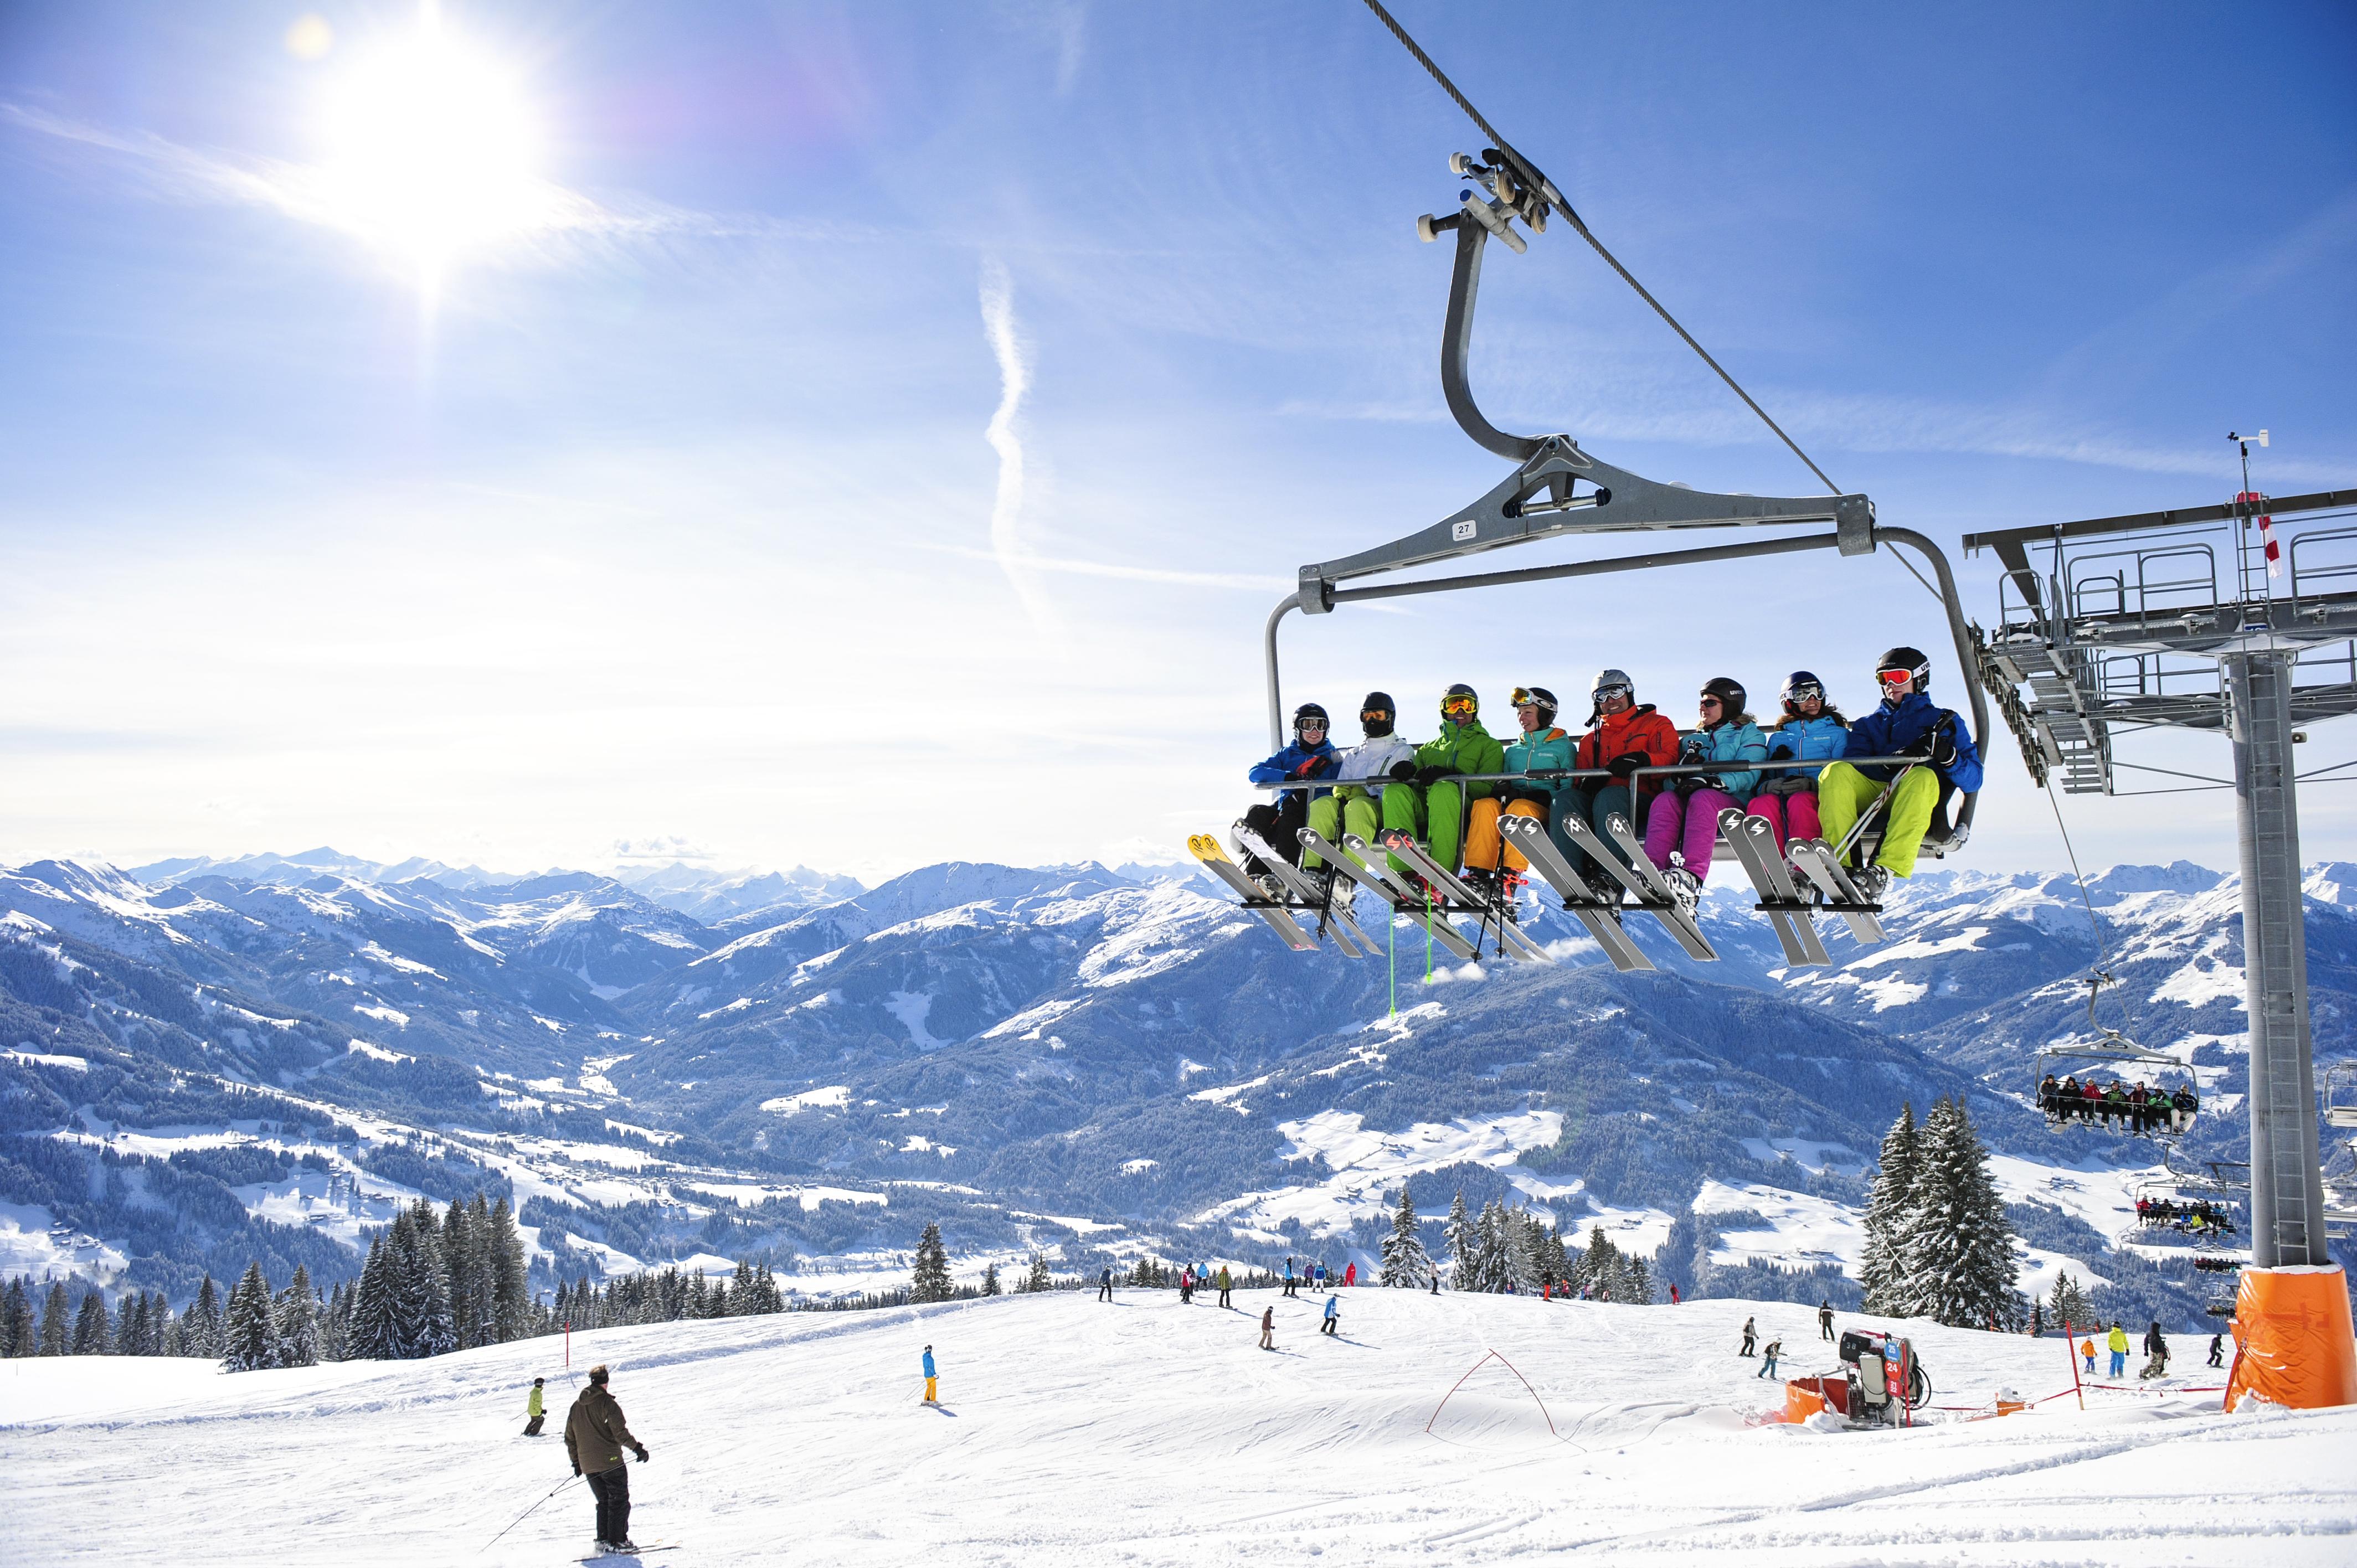 Op naar het volgende wintersportseizoen!